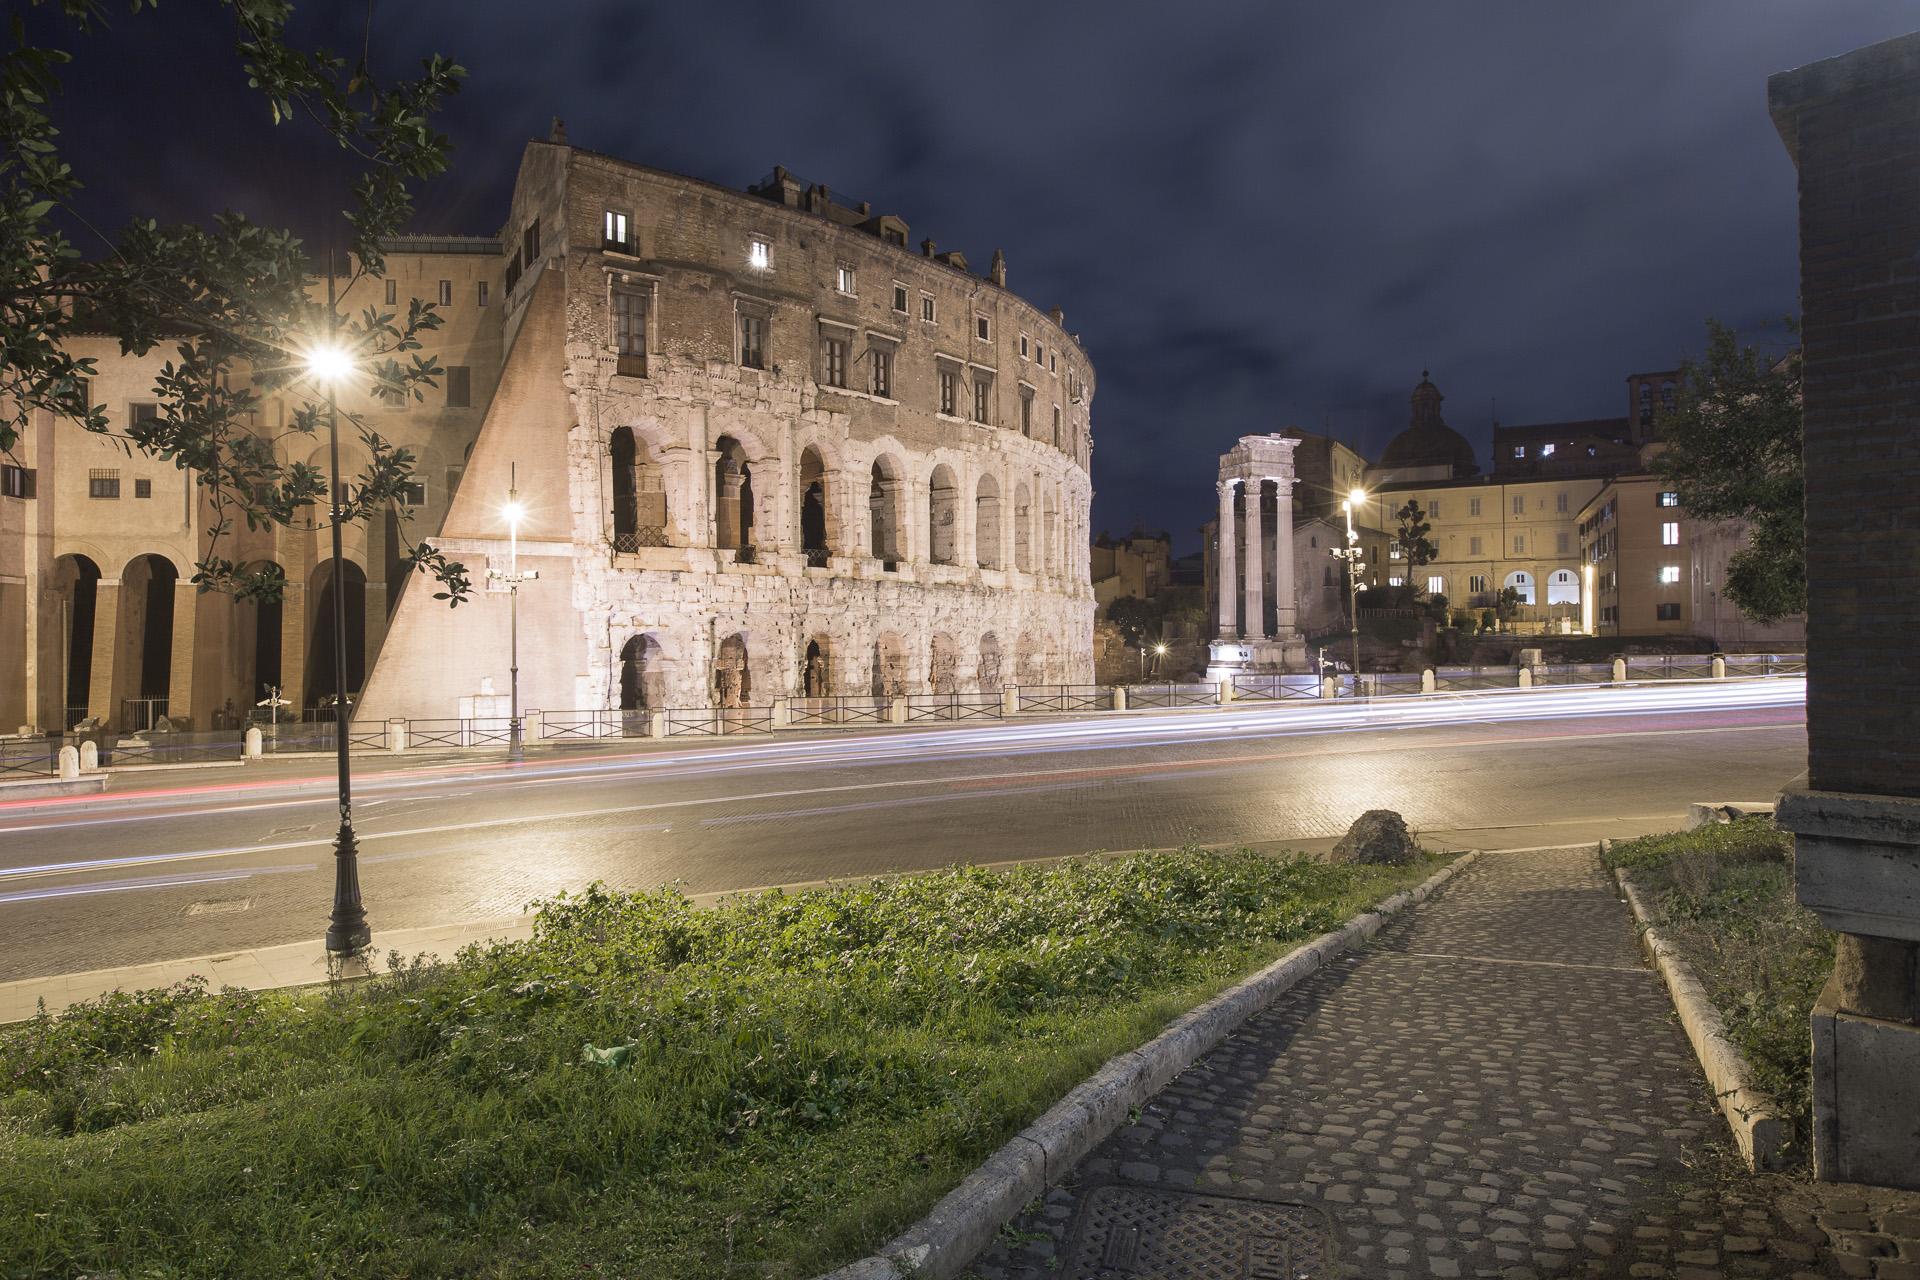 _nf - Roma Teatro Marcello e Portico Di Ottavia lunghe esposizioni